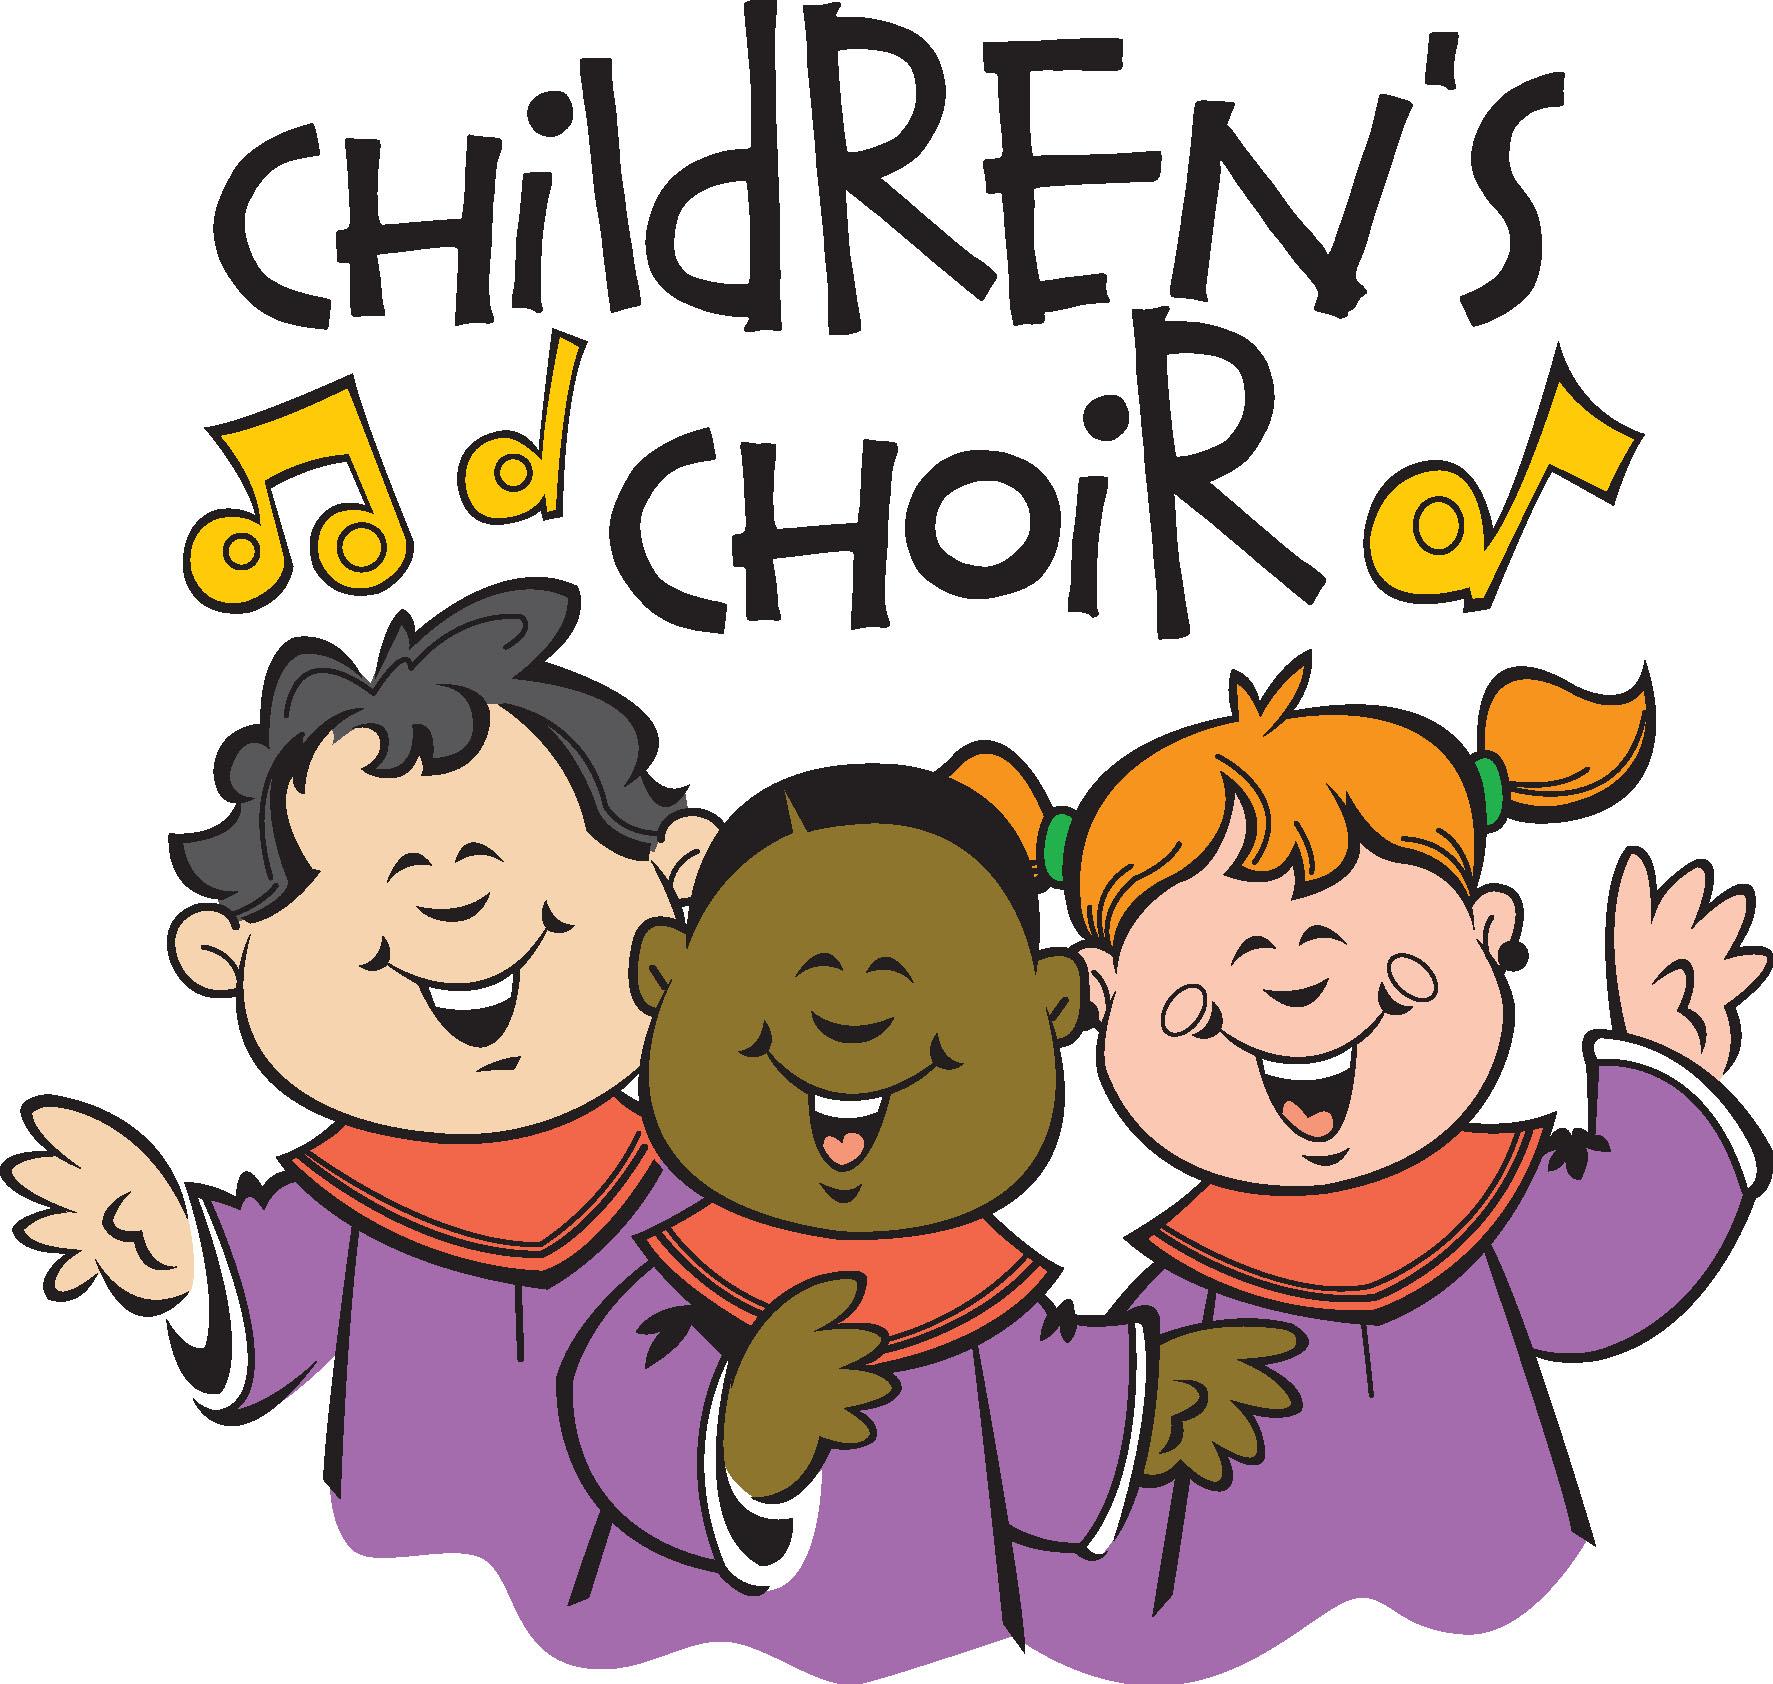 Church Choir Clip Art N5 free image.